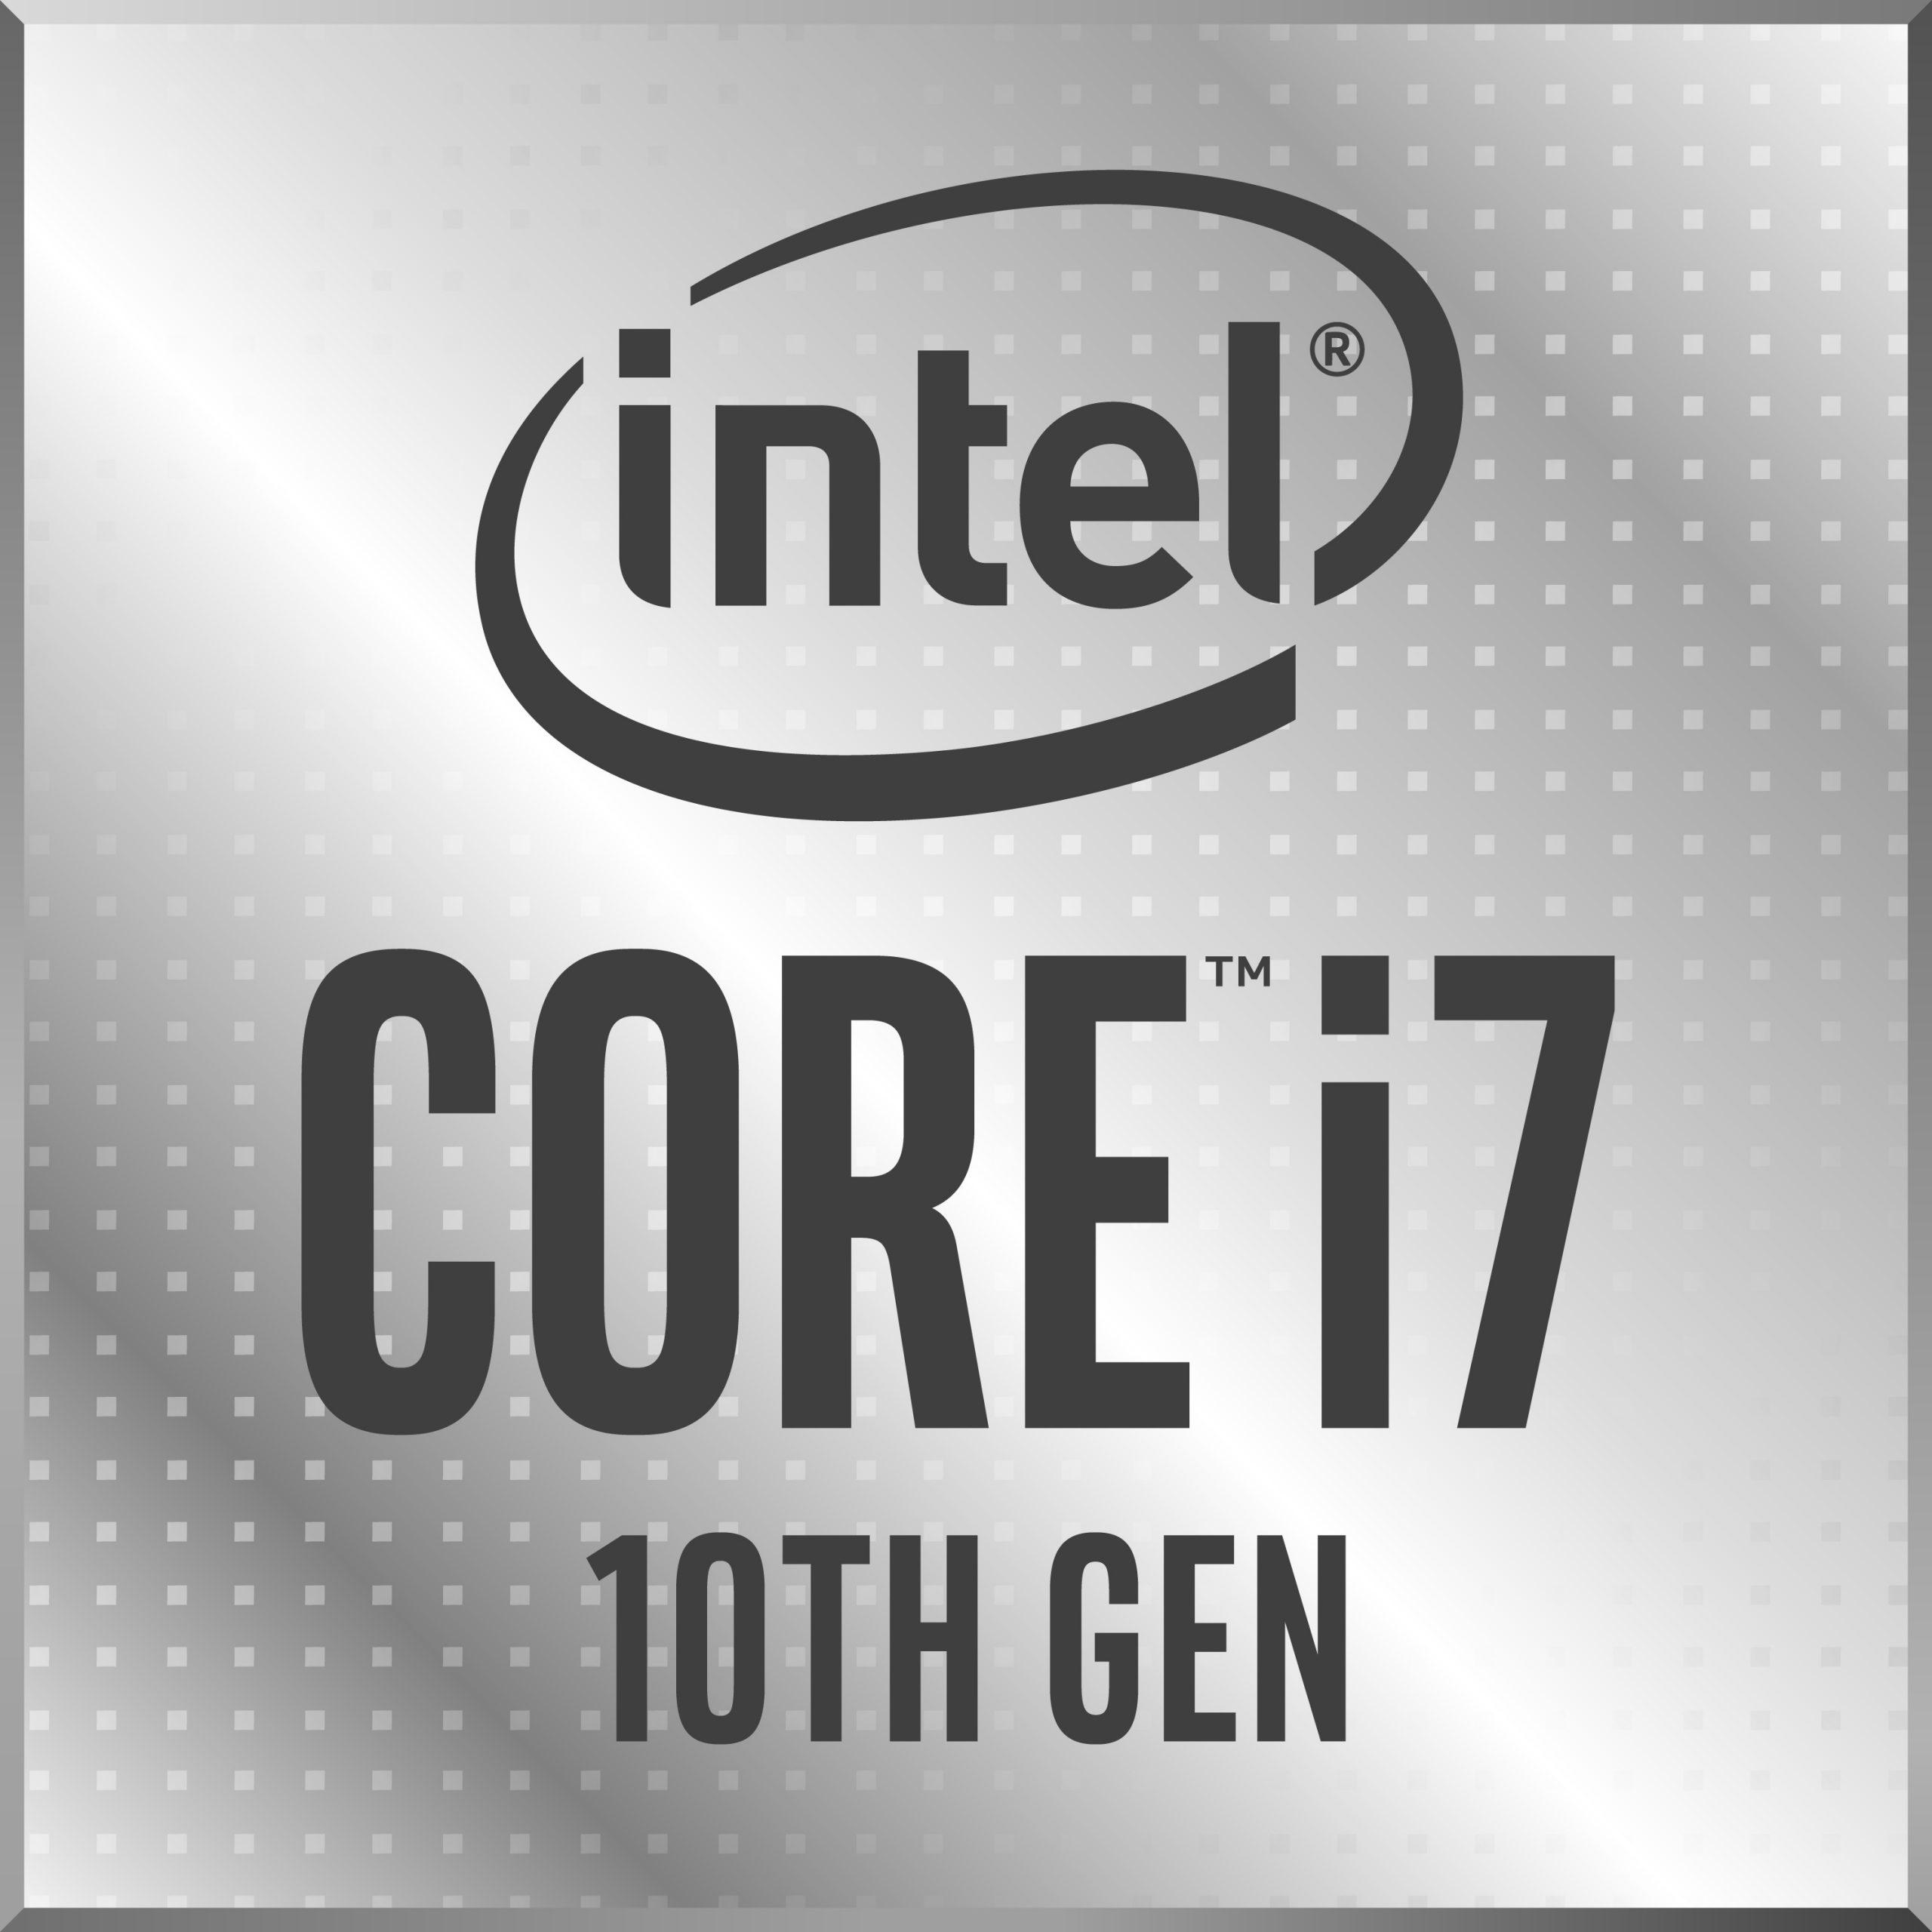 Intel i7-10700F